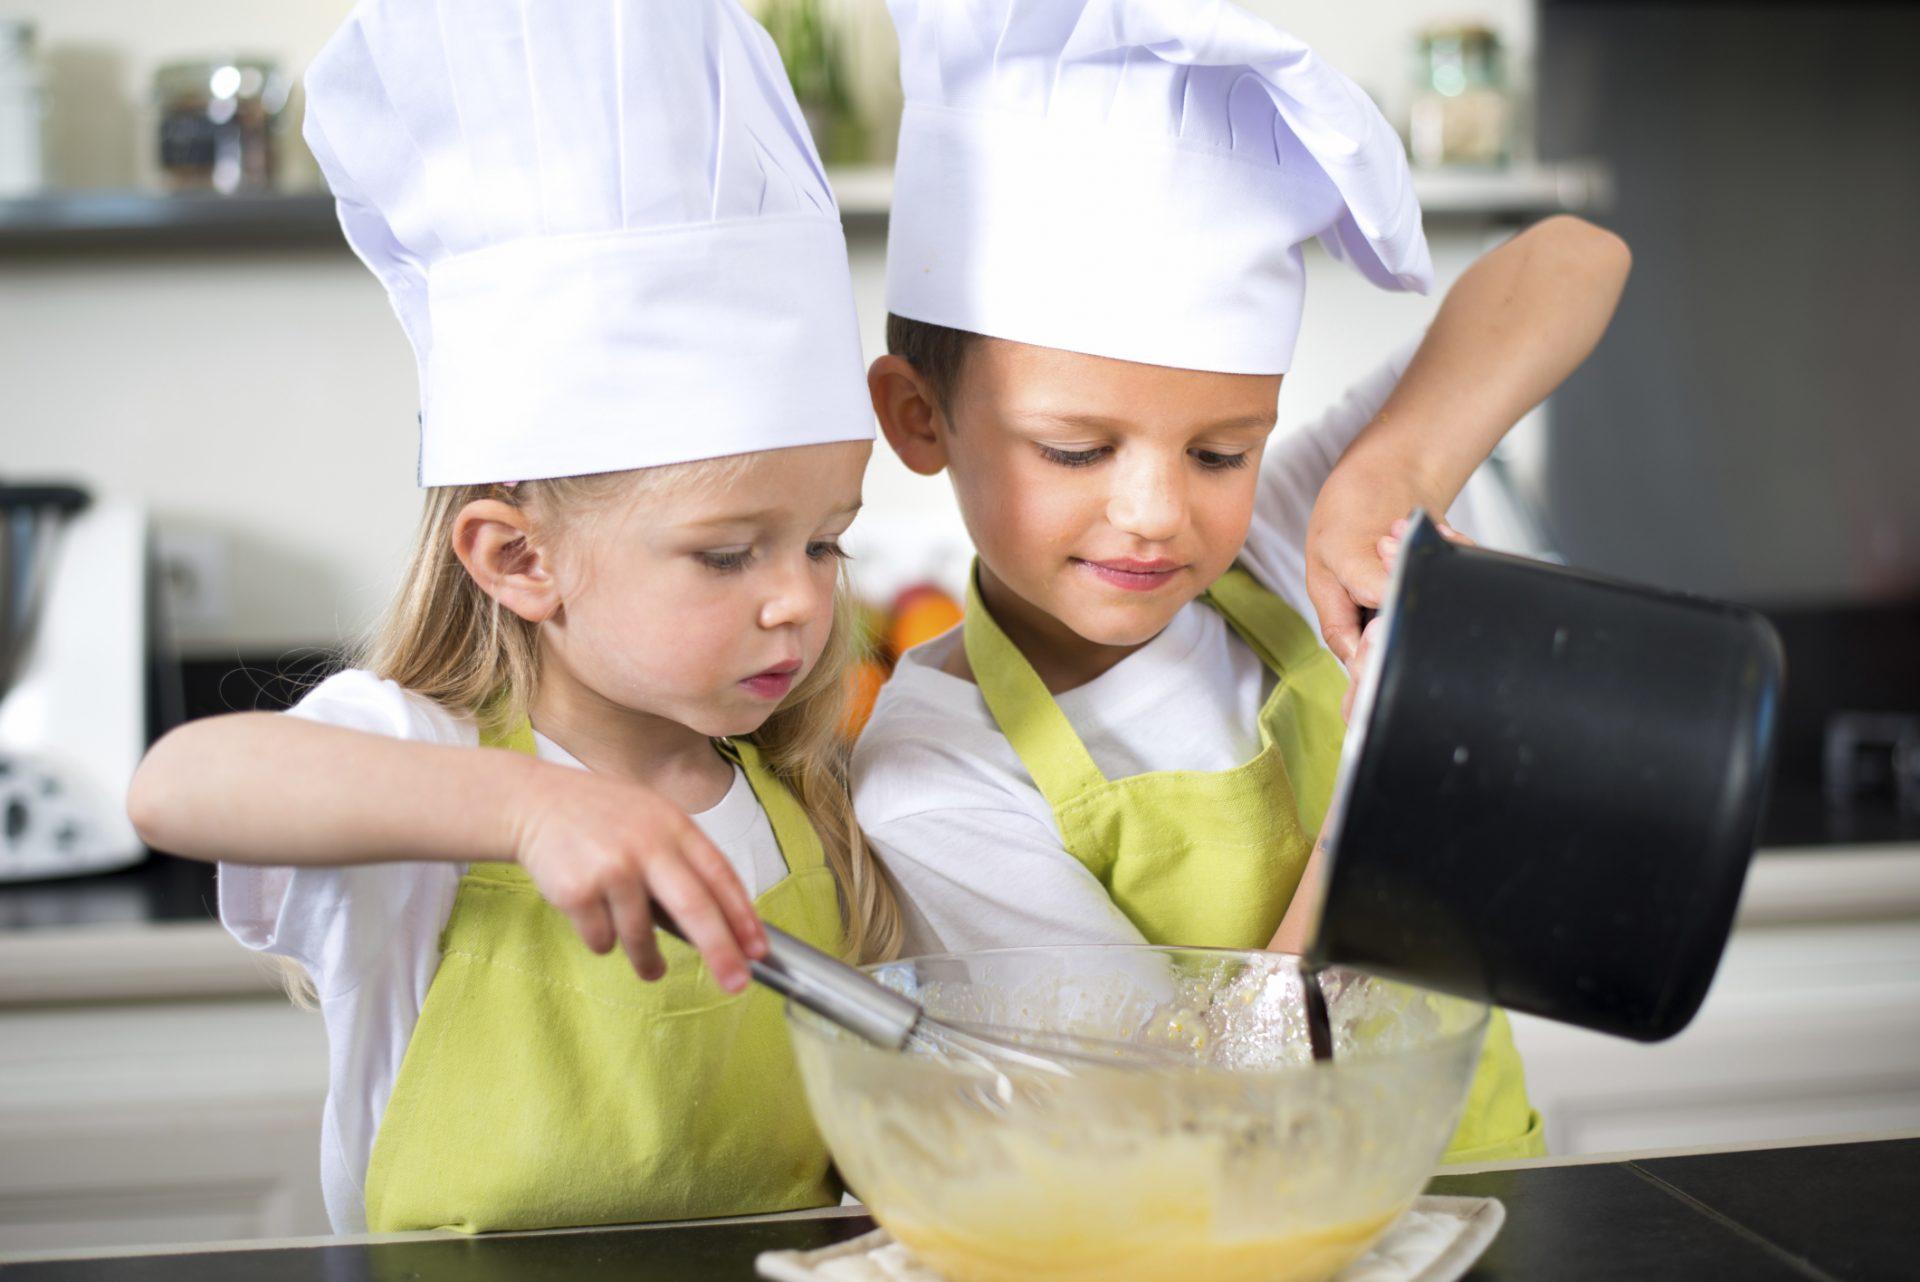 παιδιά μέσα στην κουζίνα